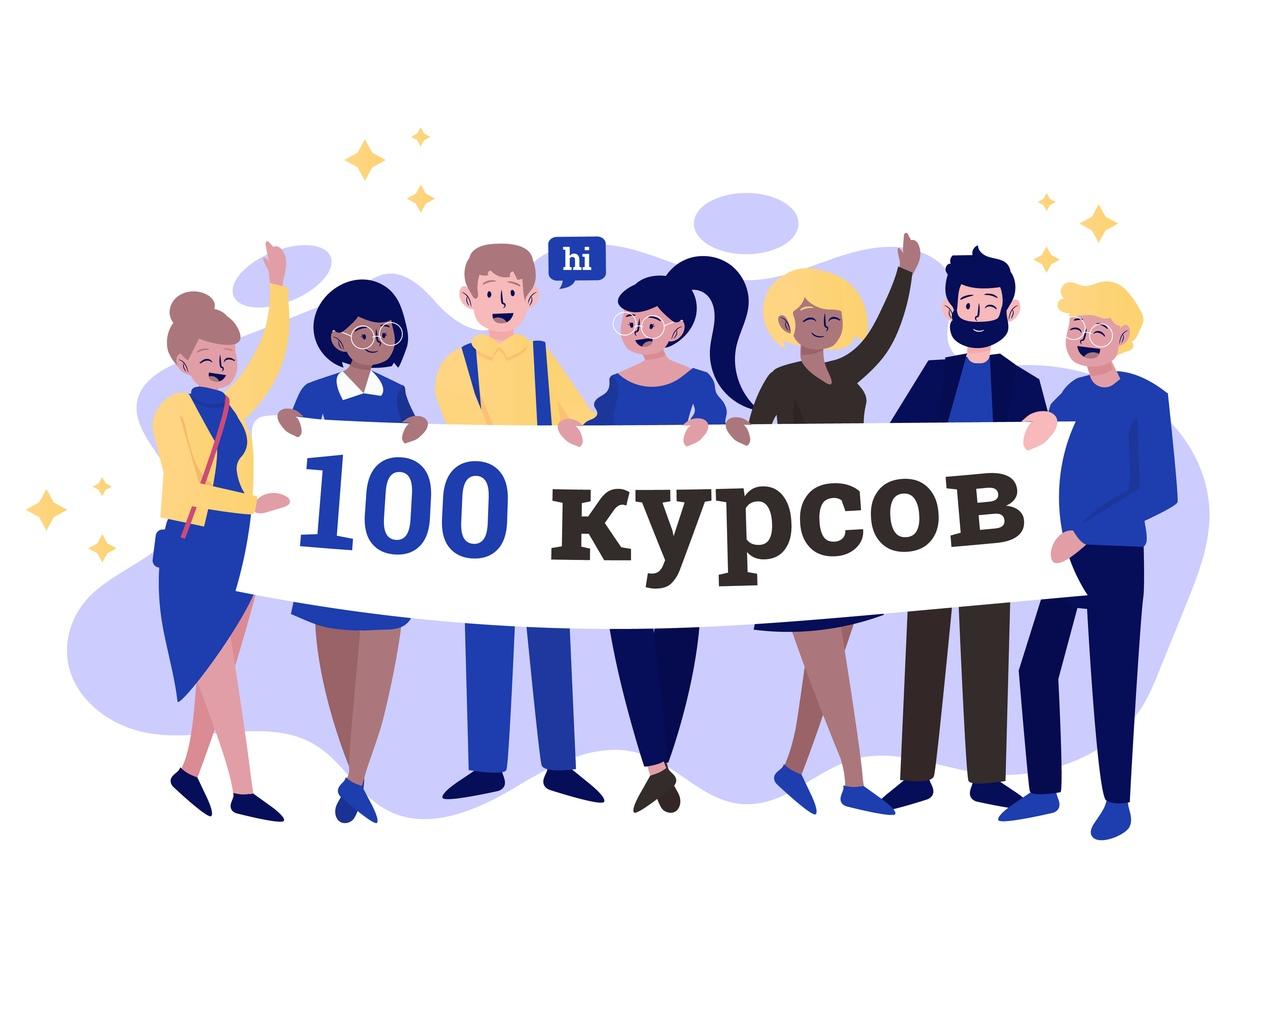 Онлайн обучение программированию в Нижнем Новгороде - 100 курсов на HiBrain